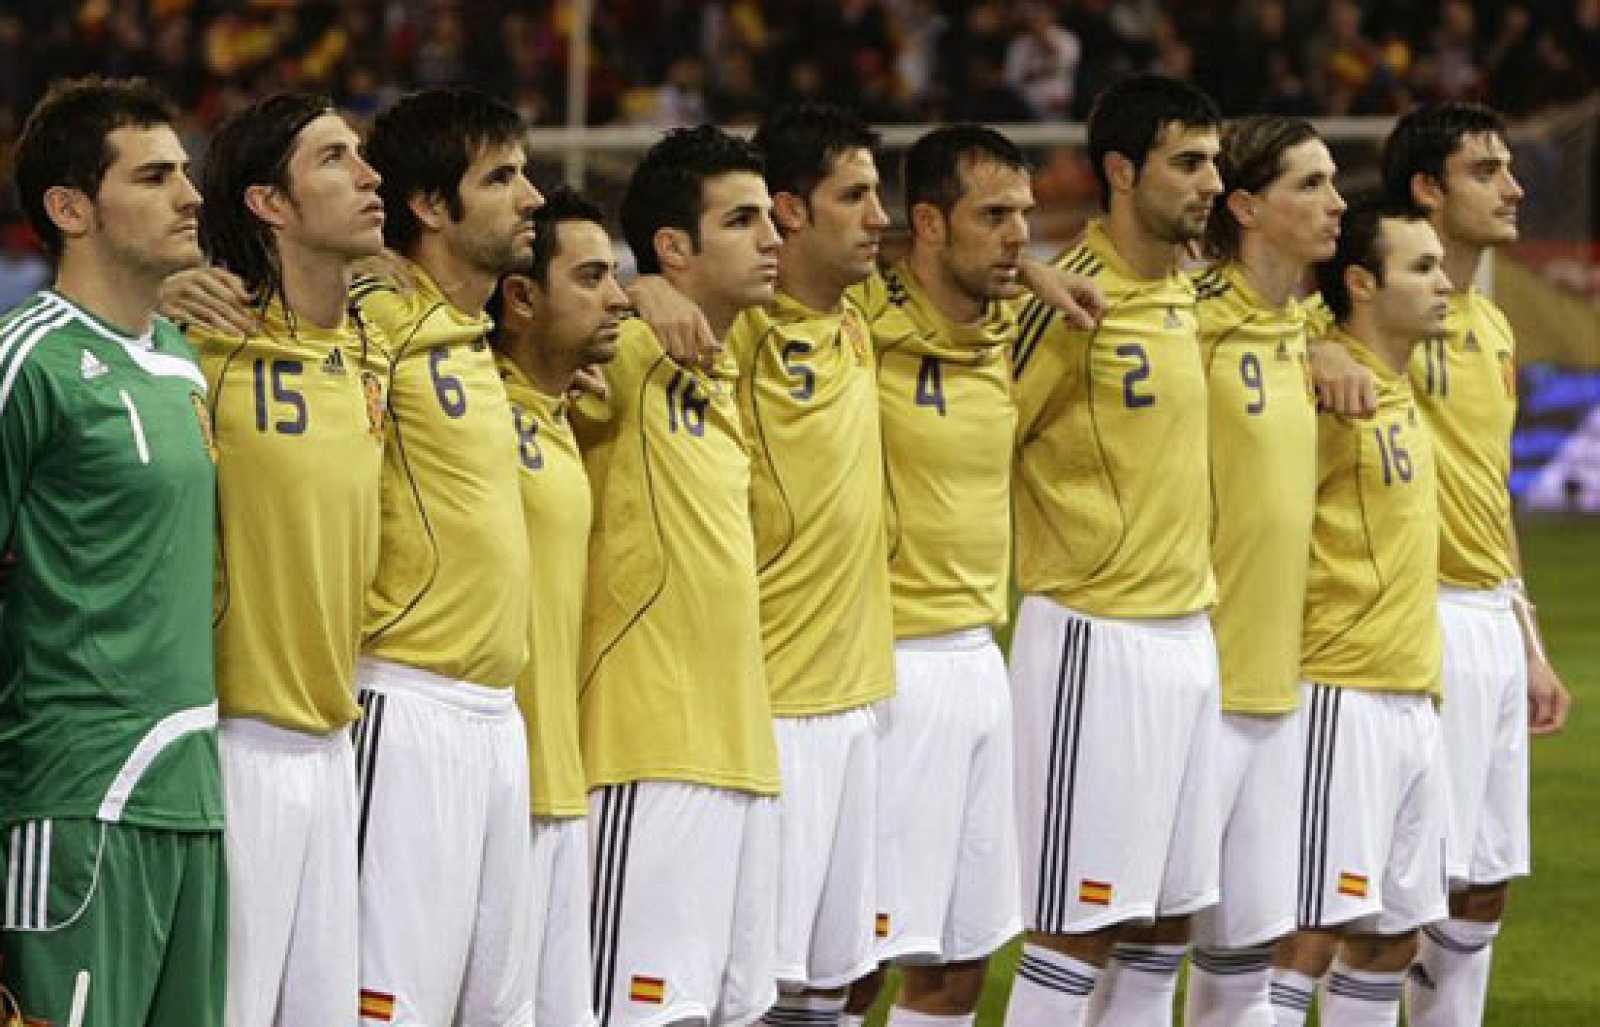 España jugará de amarillo contra Rusia. Un color maldito para los supersticiosos.